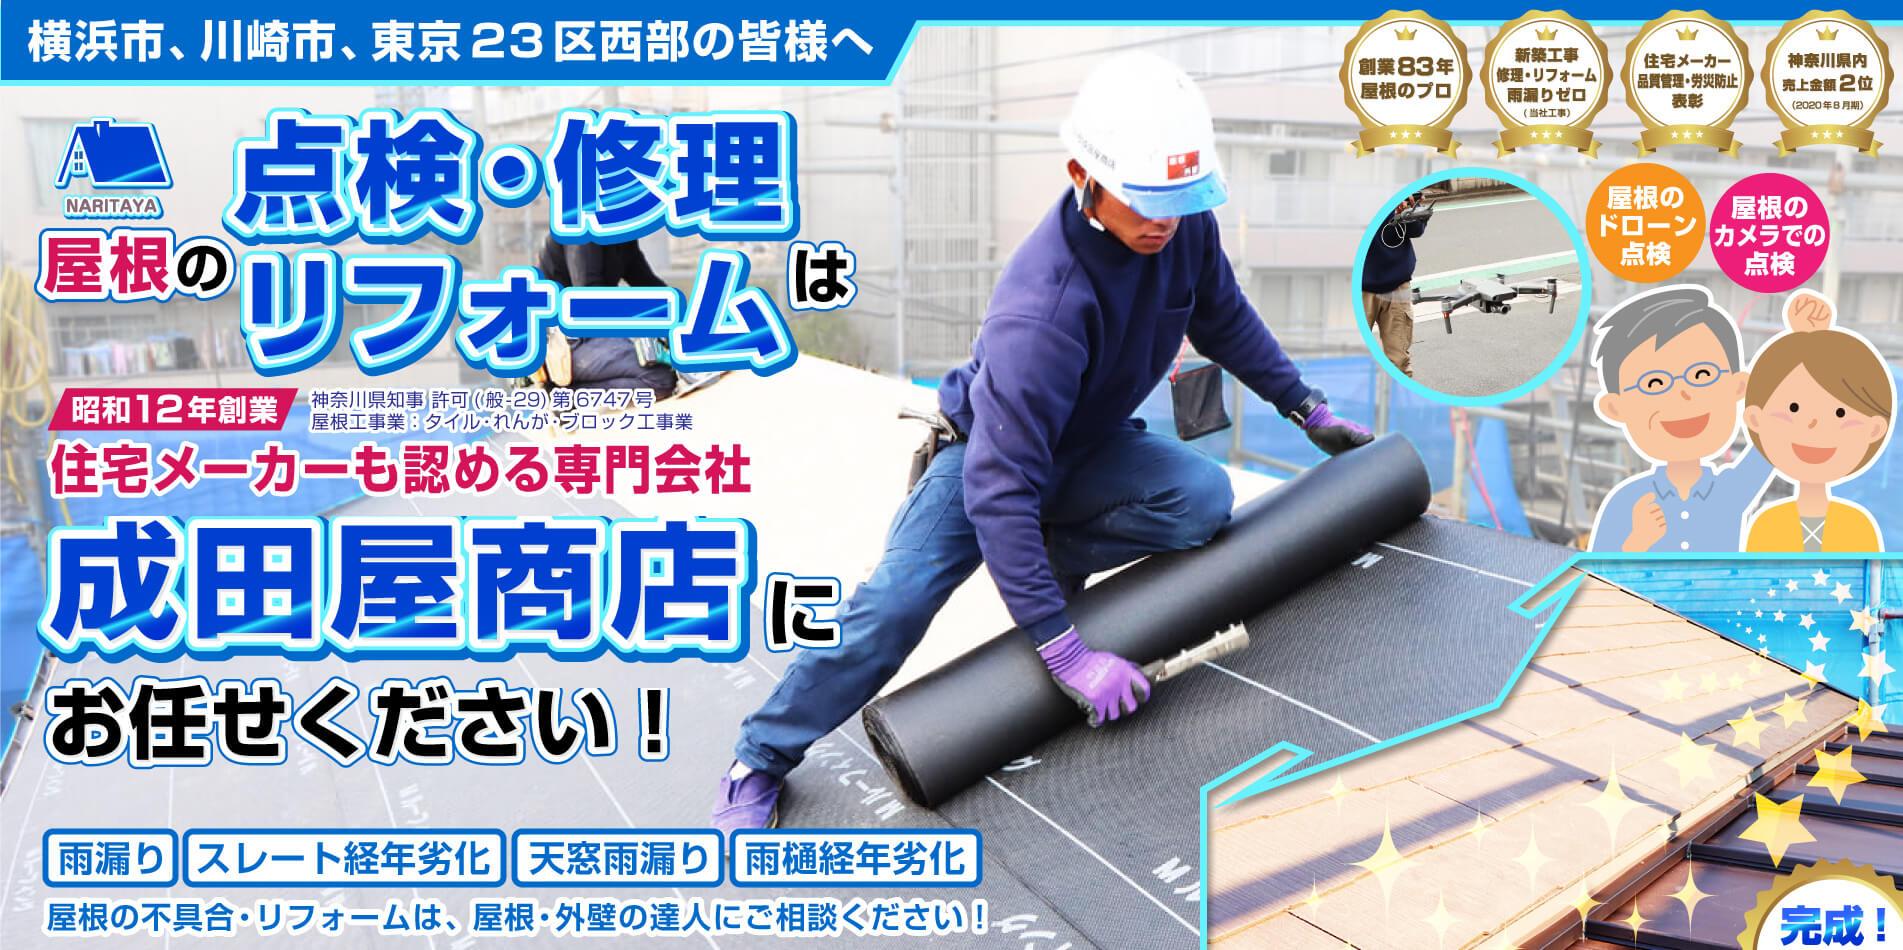 屋根・外壁の修理リフォーム 屋根・外壁の達人 ㈱成田屋商店 本社